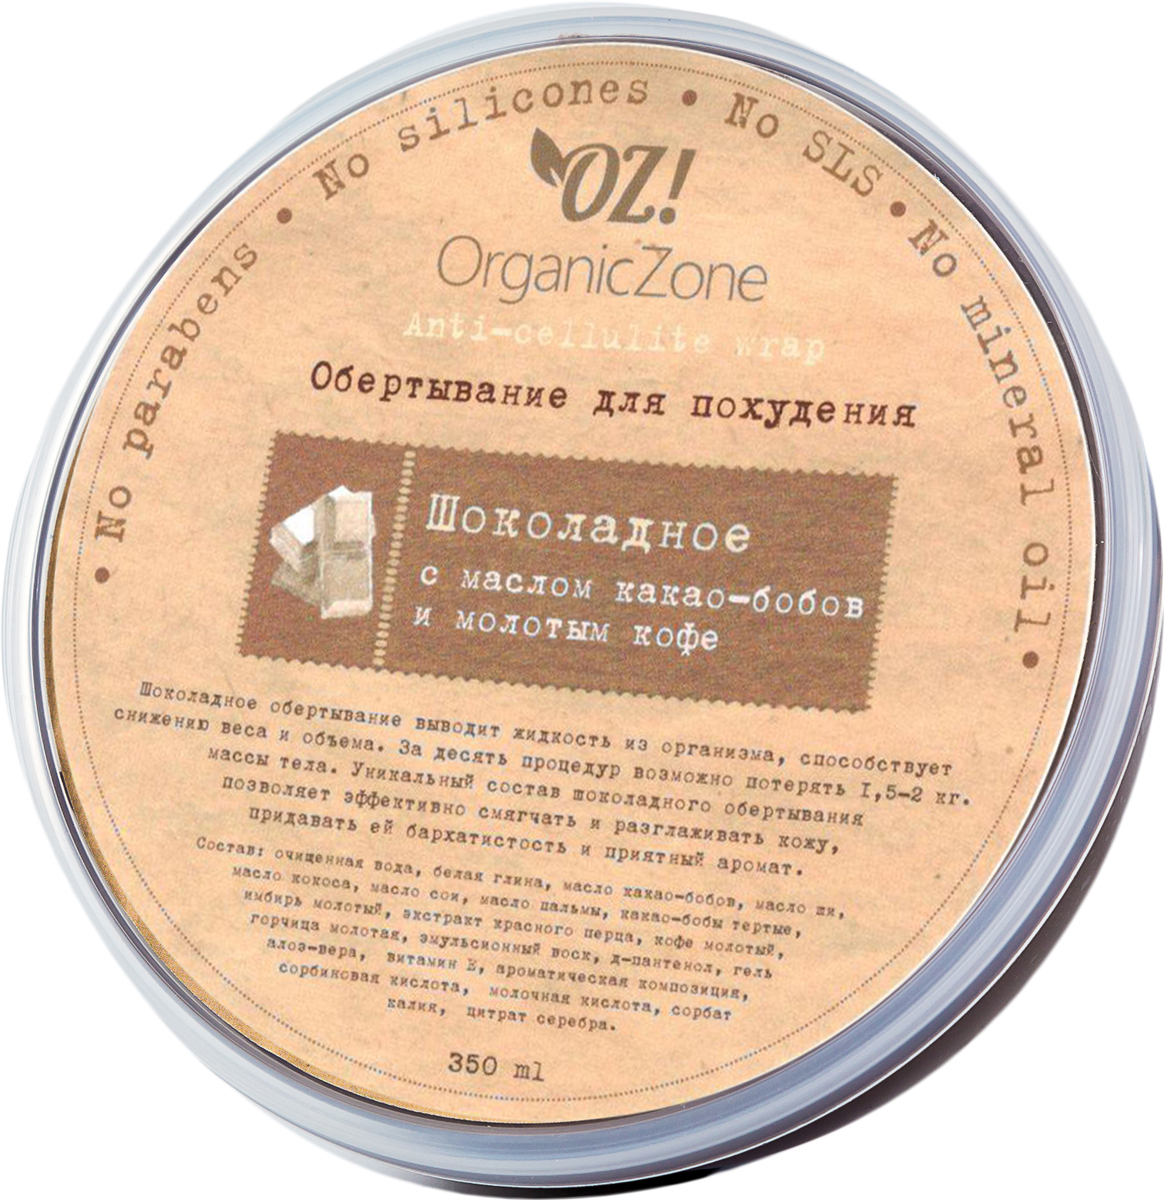 OrganicZone Обертывание для похудения  Шоколадное , 350 мл - Косметика по уходу за кожей